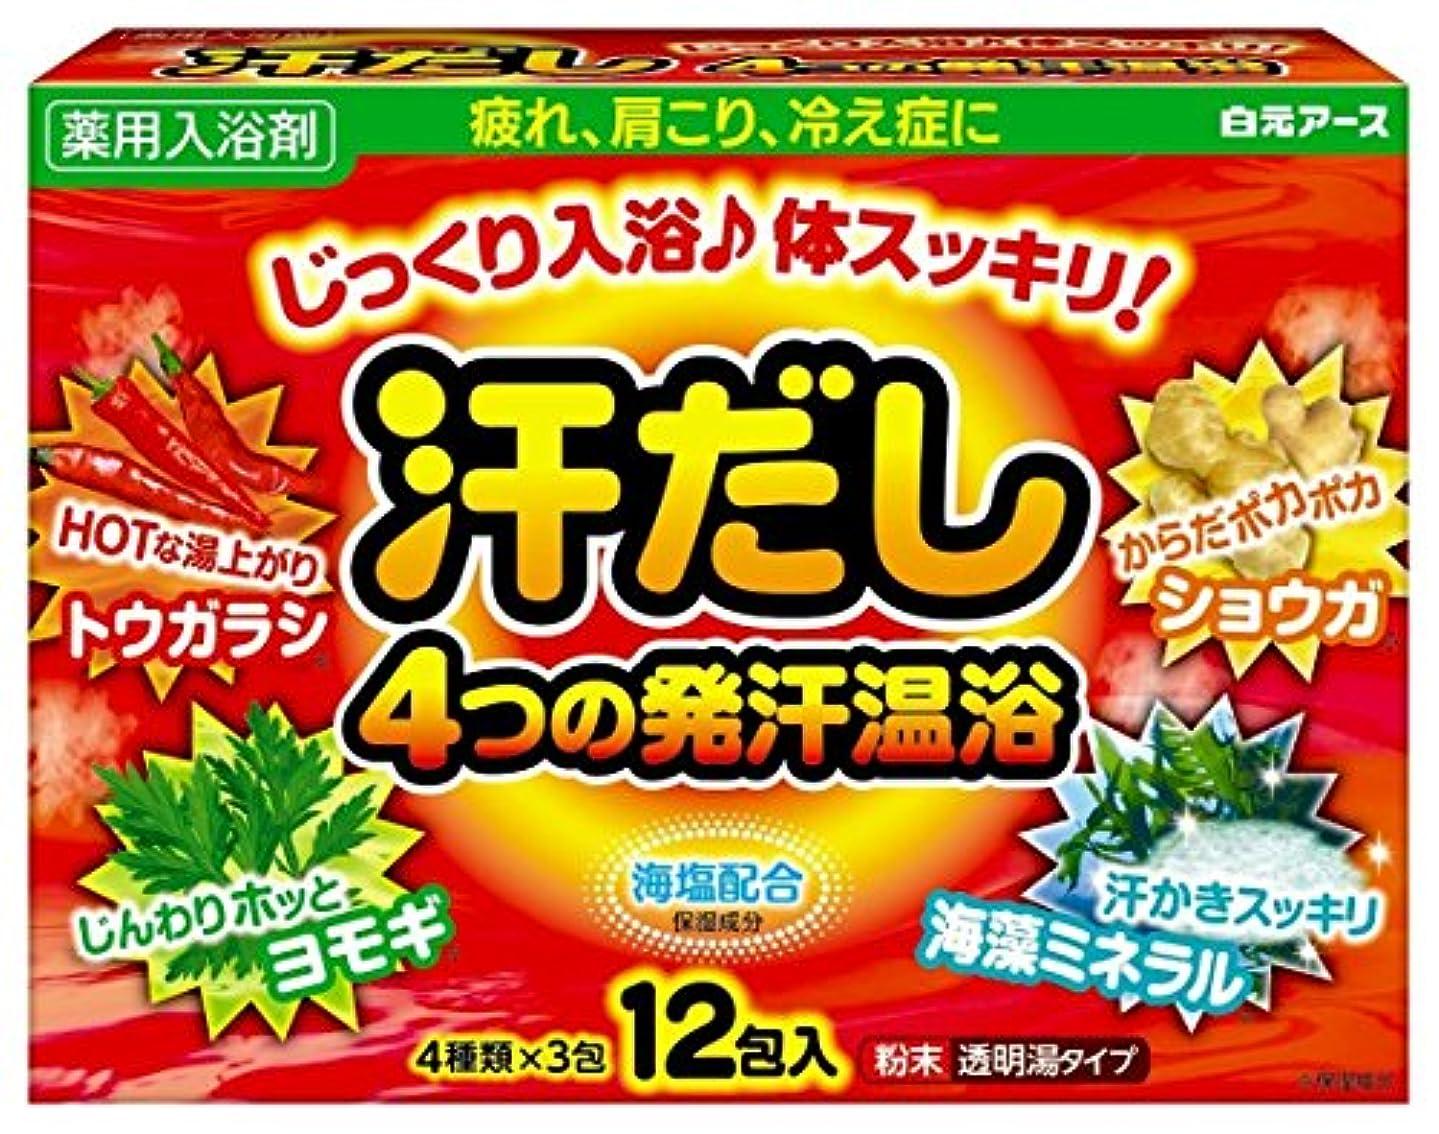 トレーダースリムボーナス薬用入浴剤 汗だし4つの発汗温浴 4種類×3包入